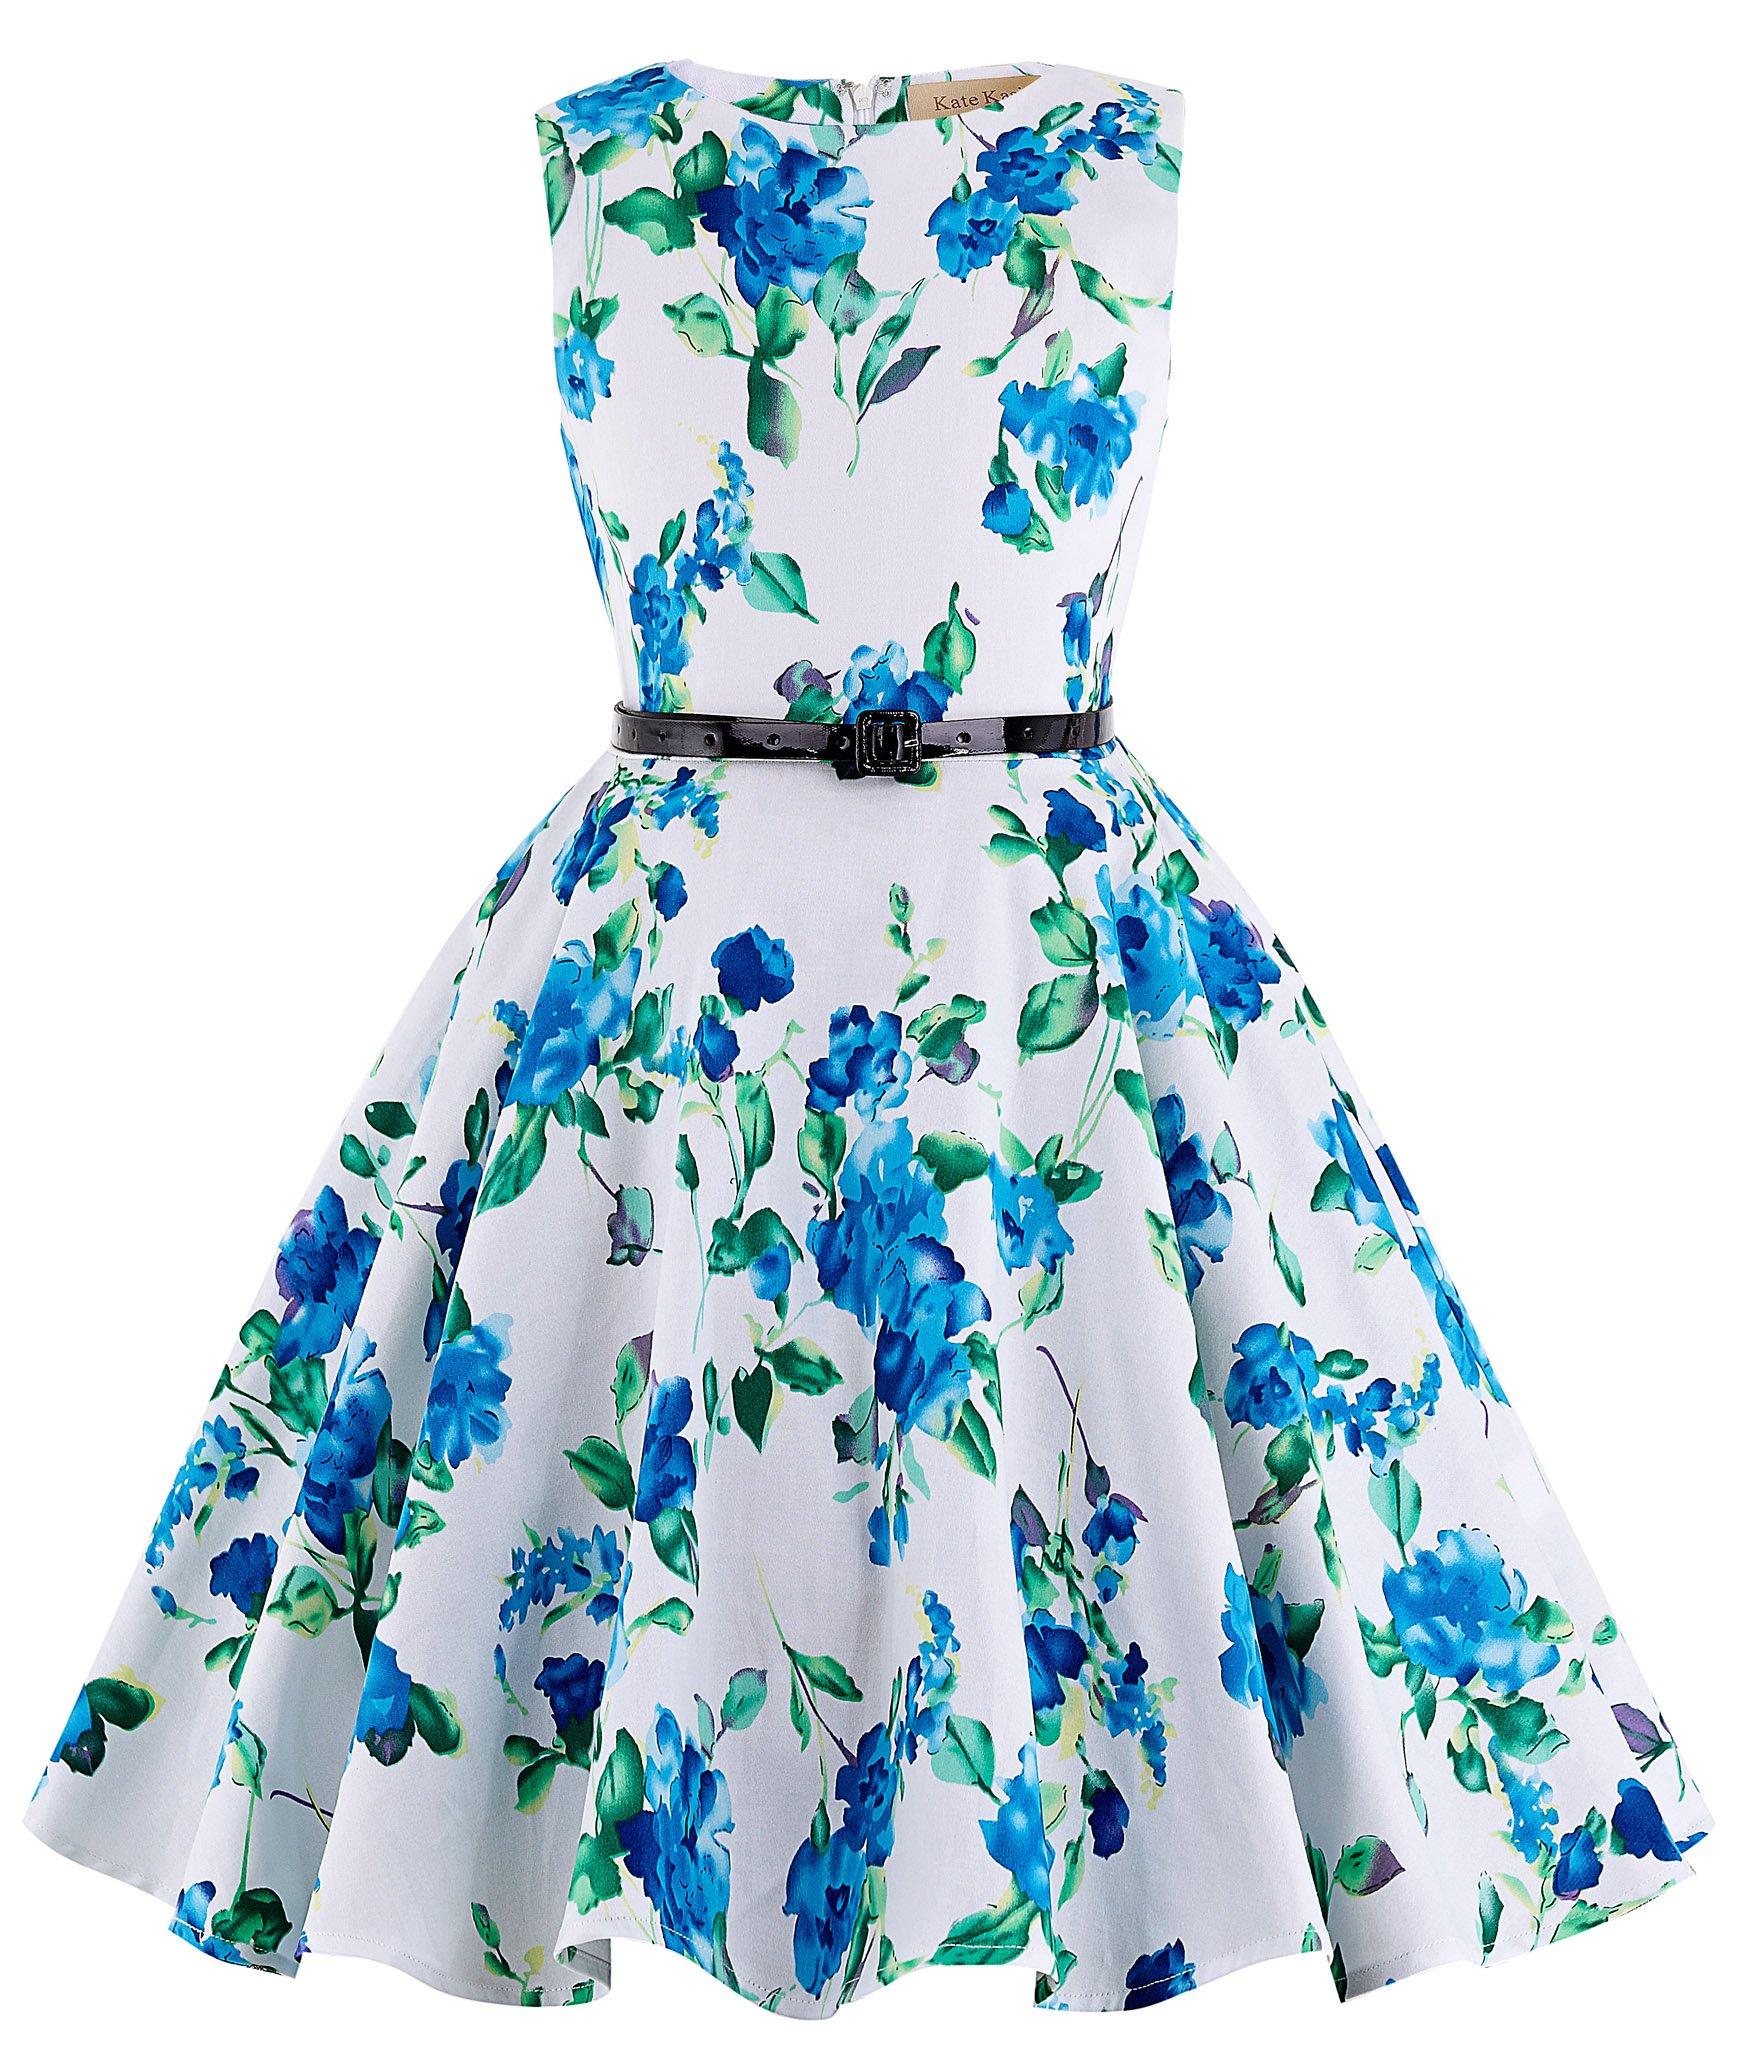 Kate Kasin Vestido Vintage Estampado de Niñas Años 50 para Fiesta Cóctel  Vestido Algodón de Verano 3d01e6ff14c3